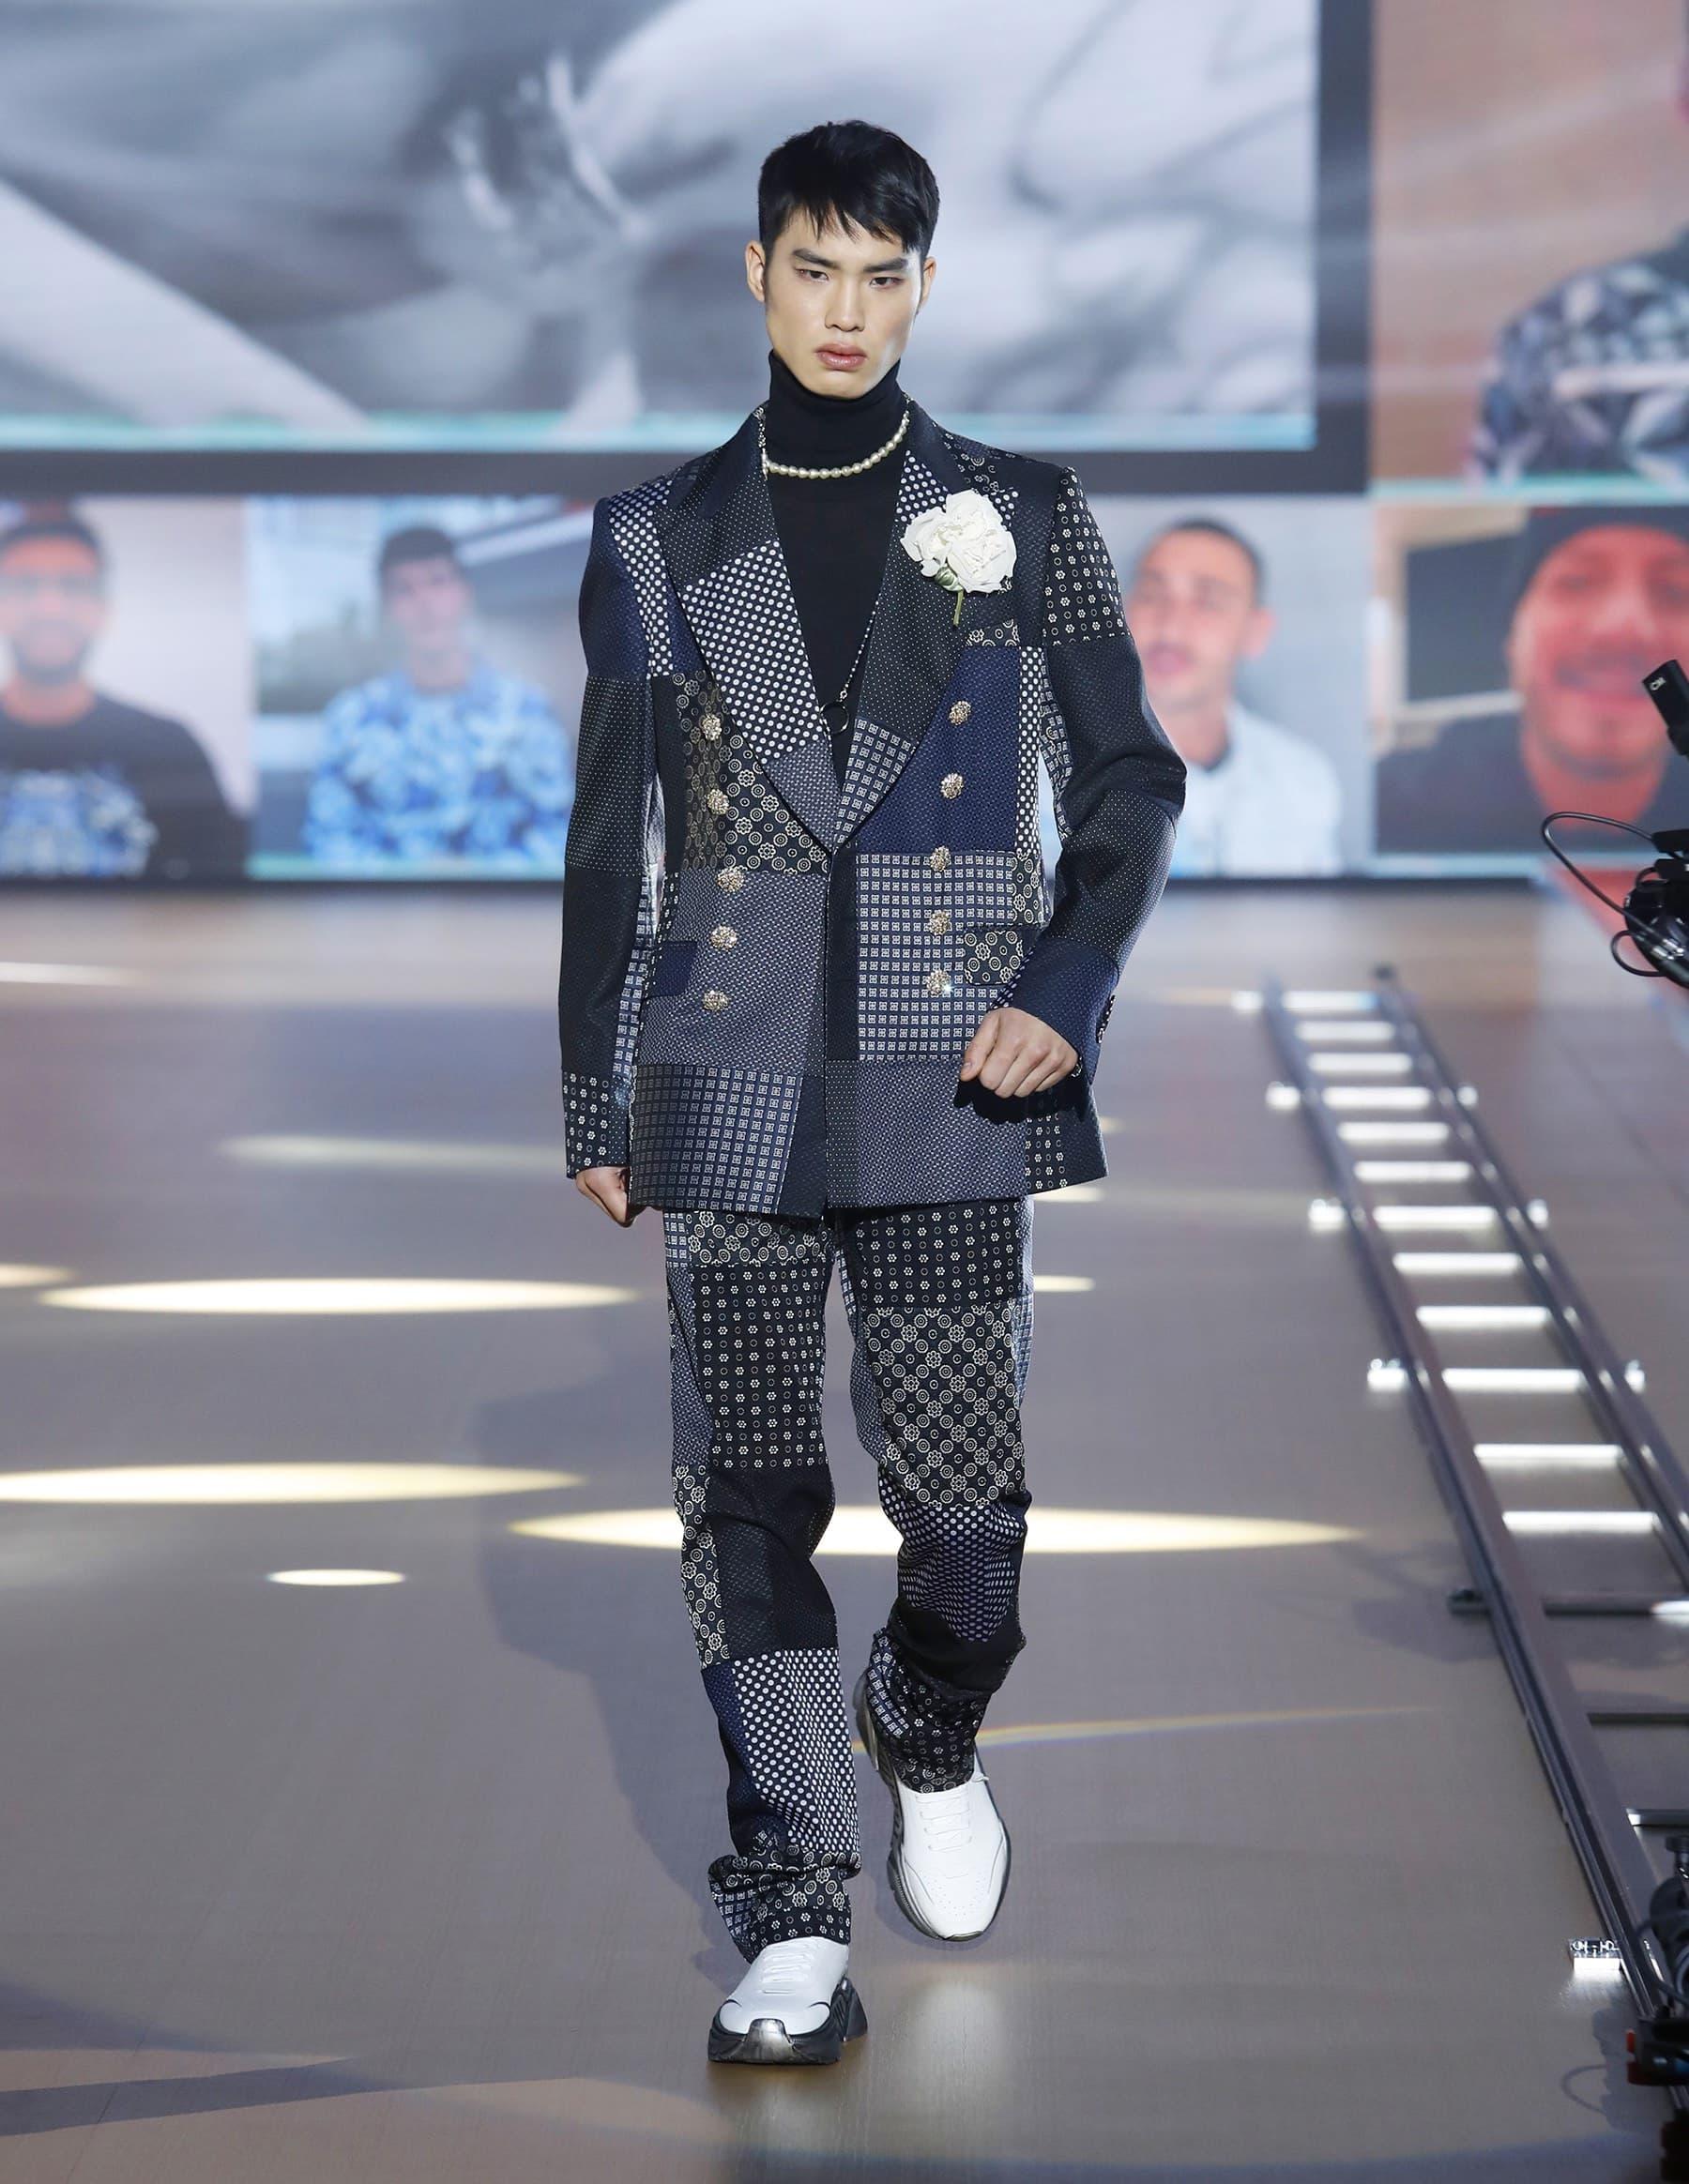 Dolce & Gabbana Men's Fall 2021 Fashion Show Review